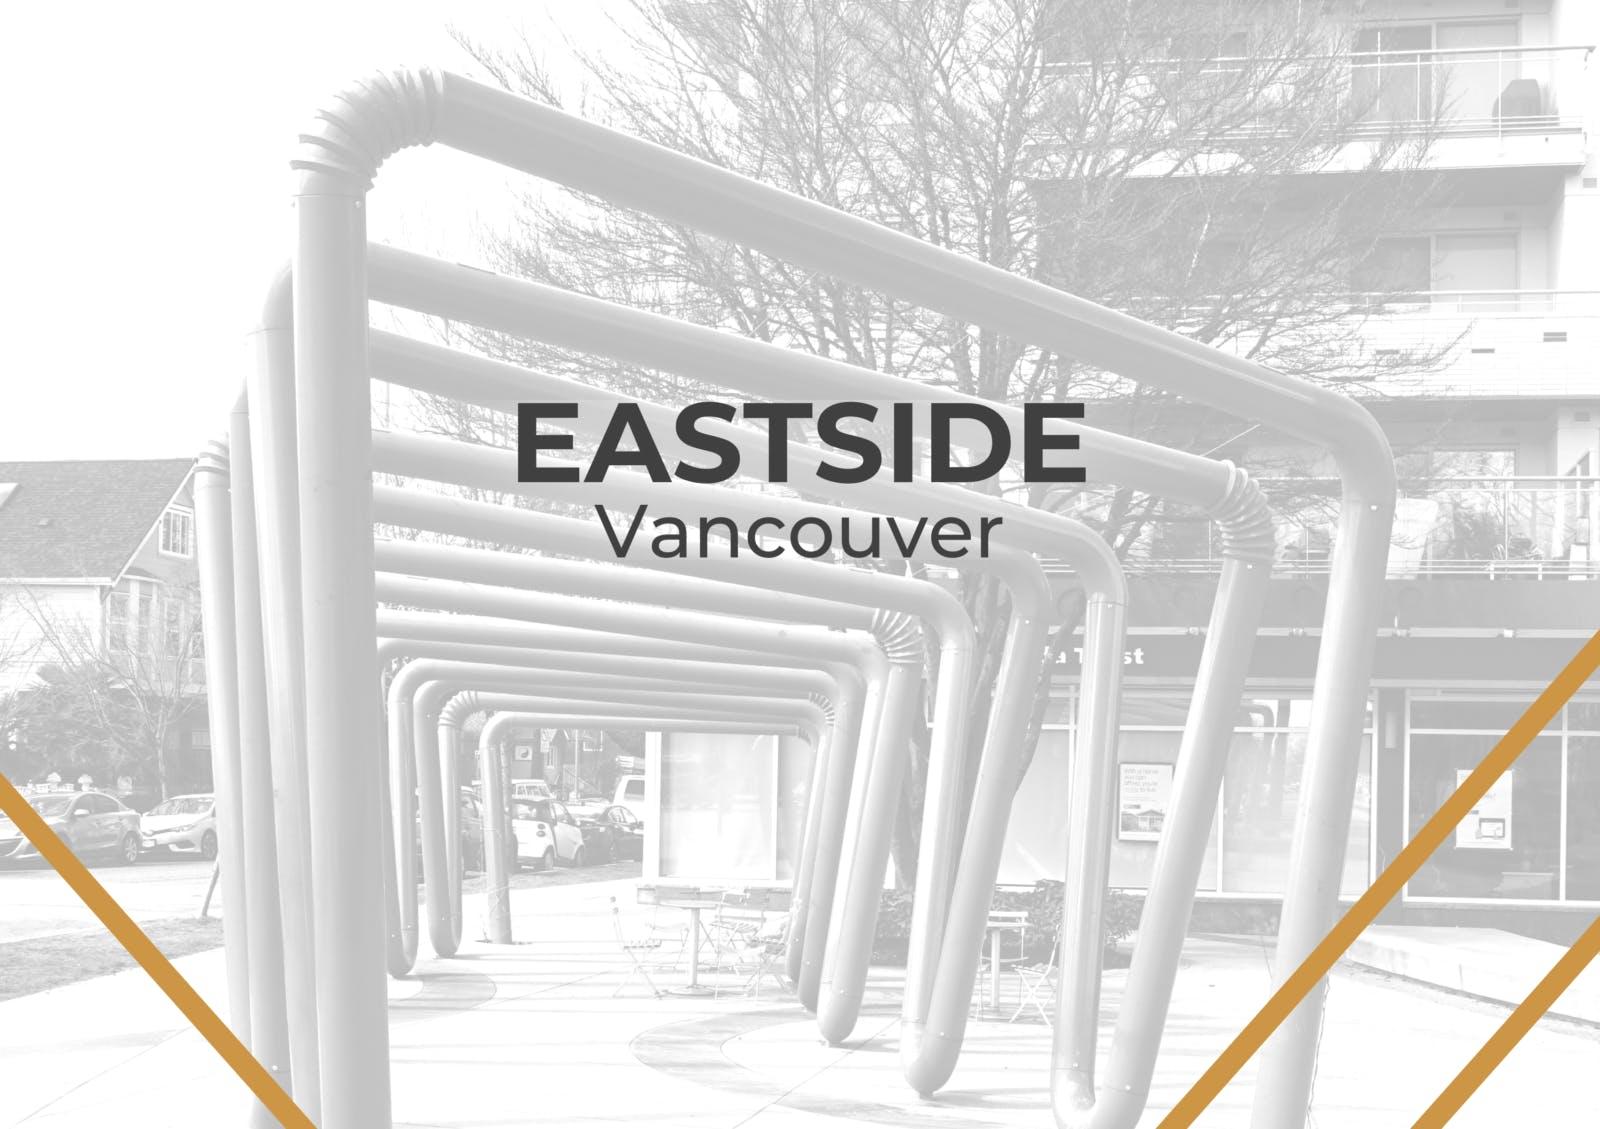 Vancouver Eastside